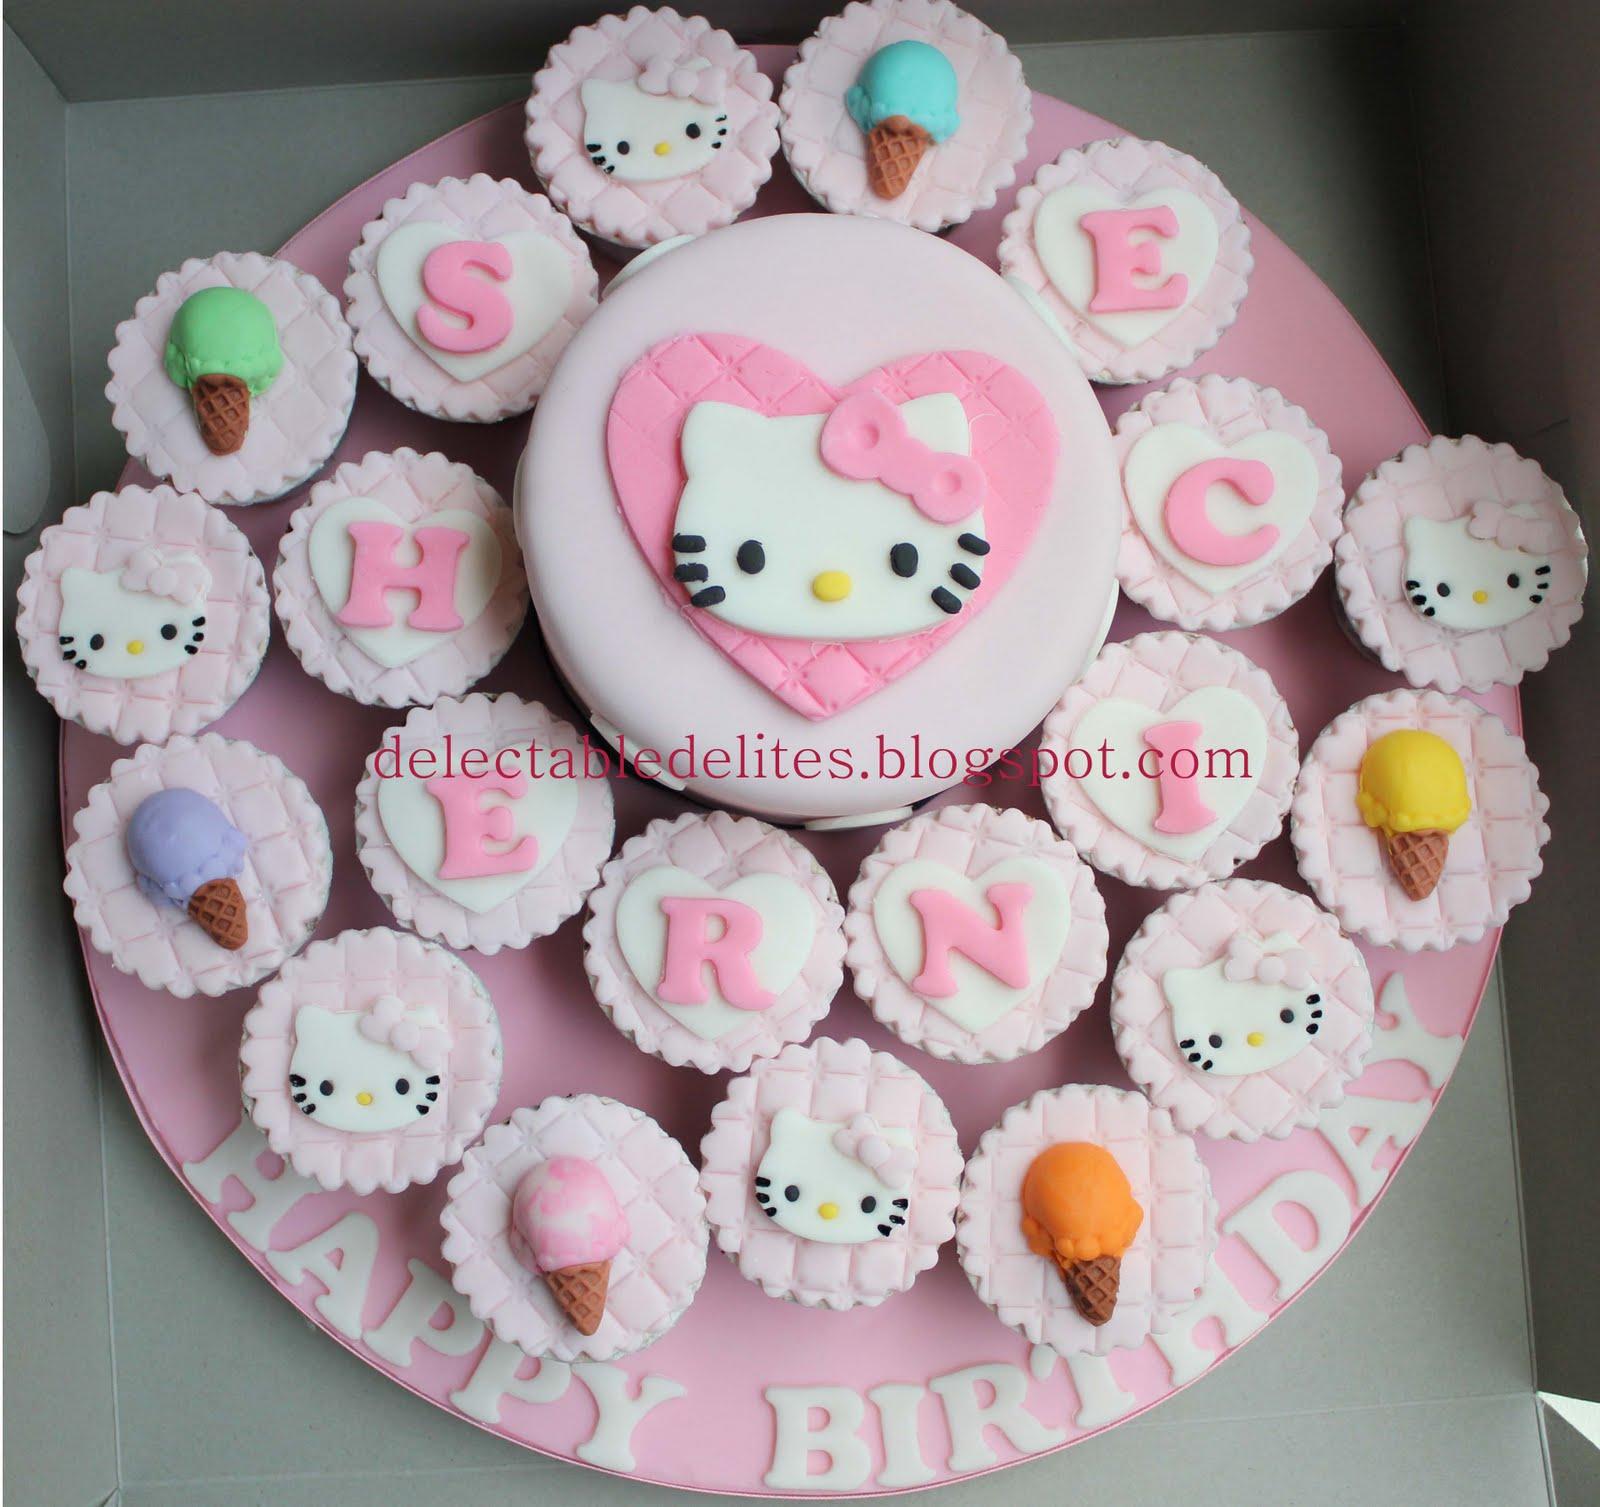 Delectable Delites Hello Kitty Cake Cupcake Set